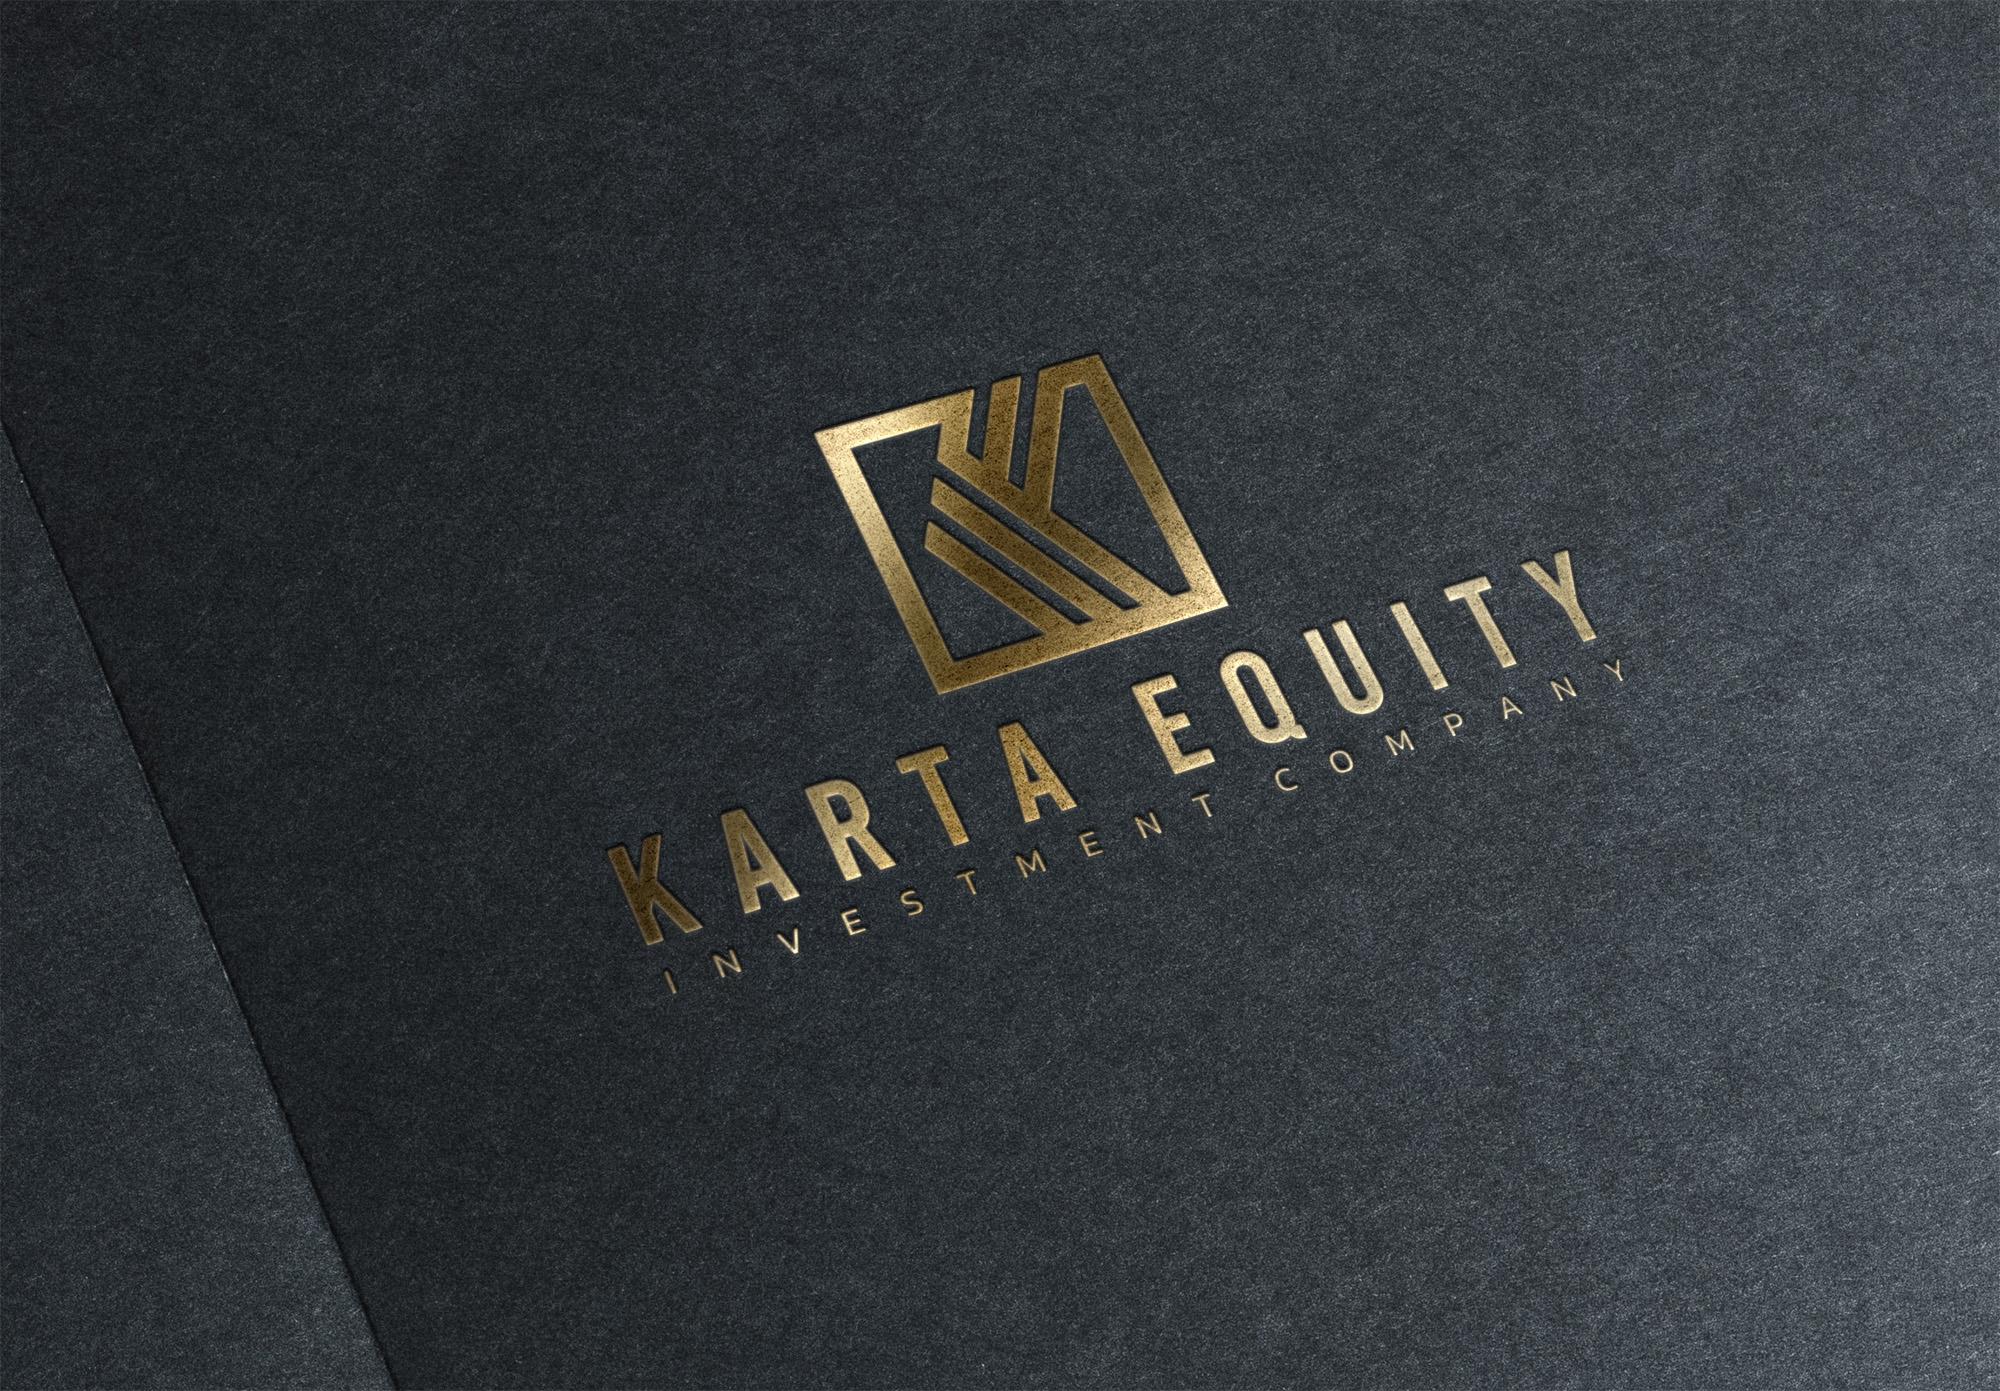 Логотип для компании инвестироваюшей в жилую недвижимость фото f_9185e107c6e7a1c5.jpg